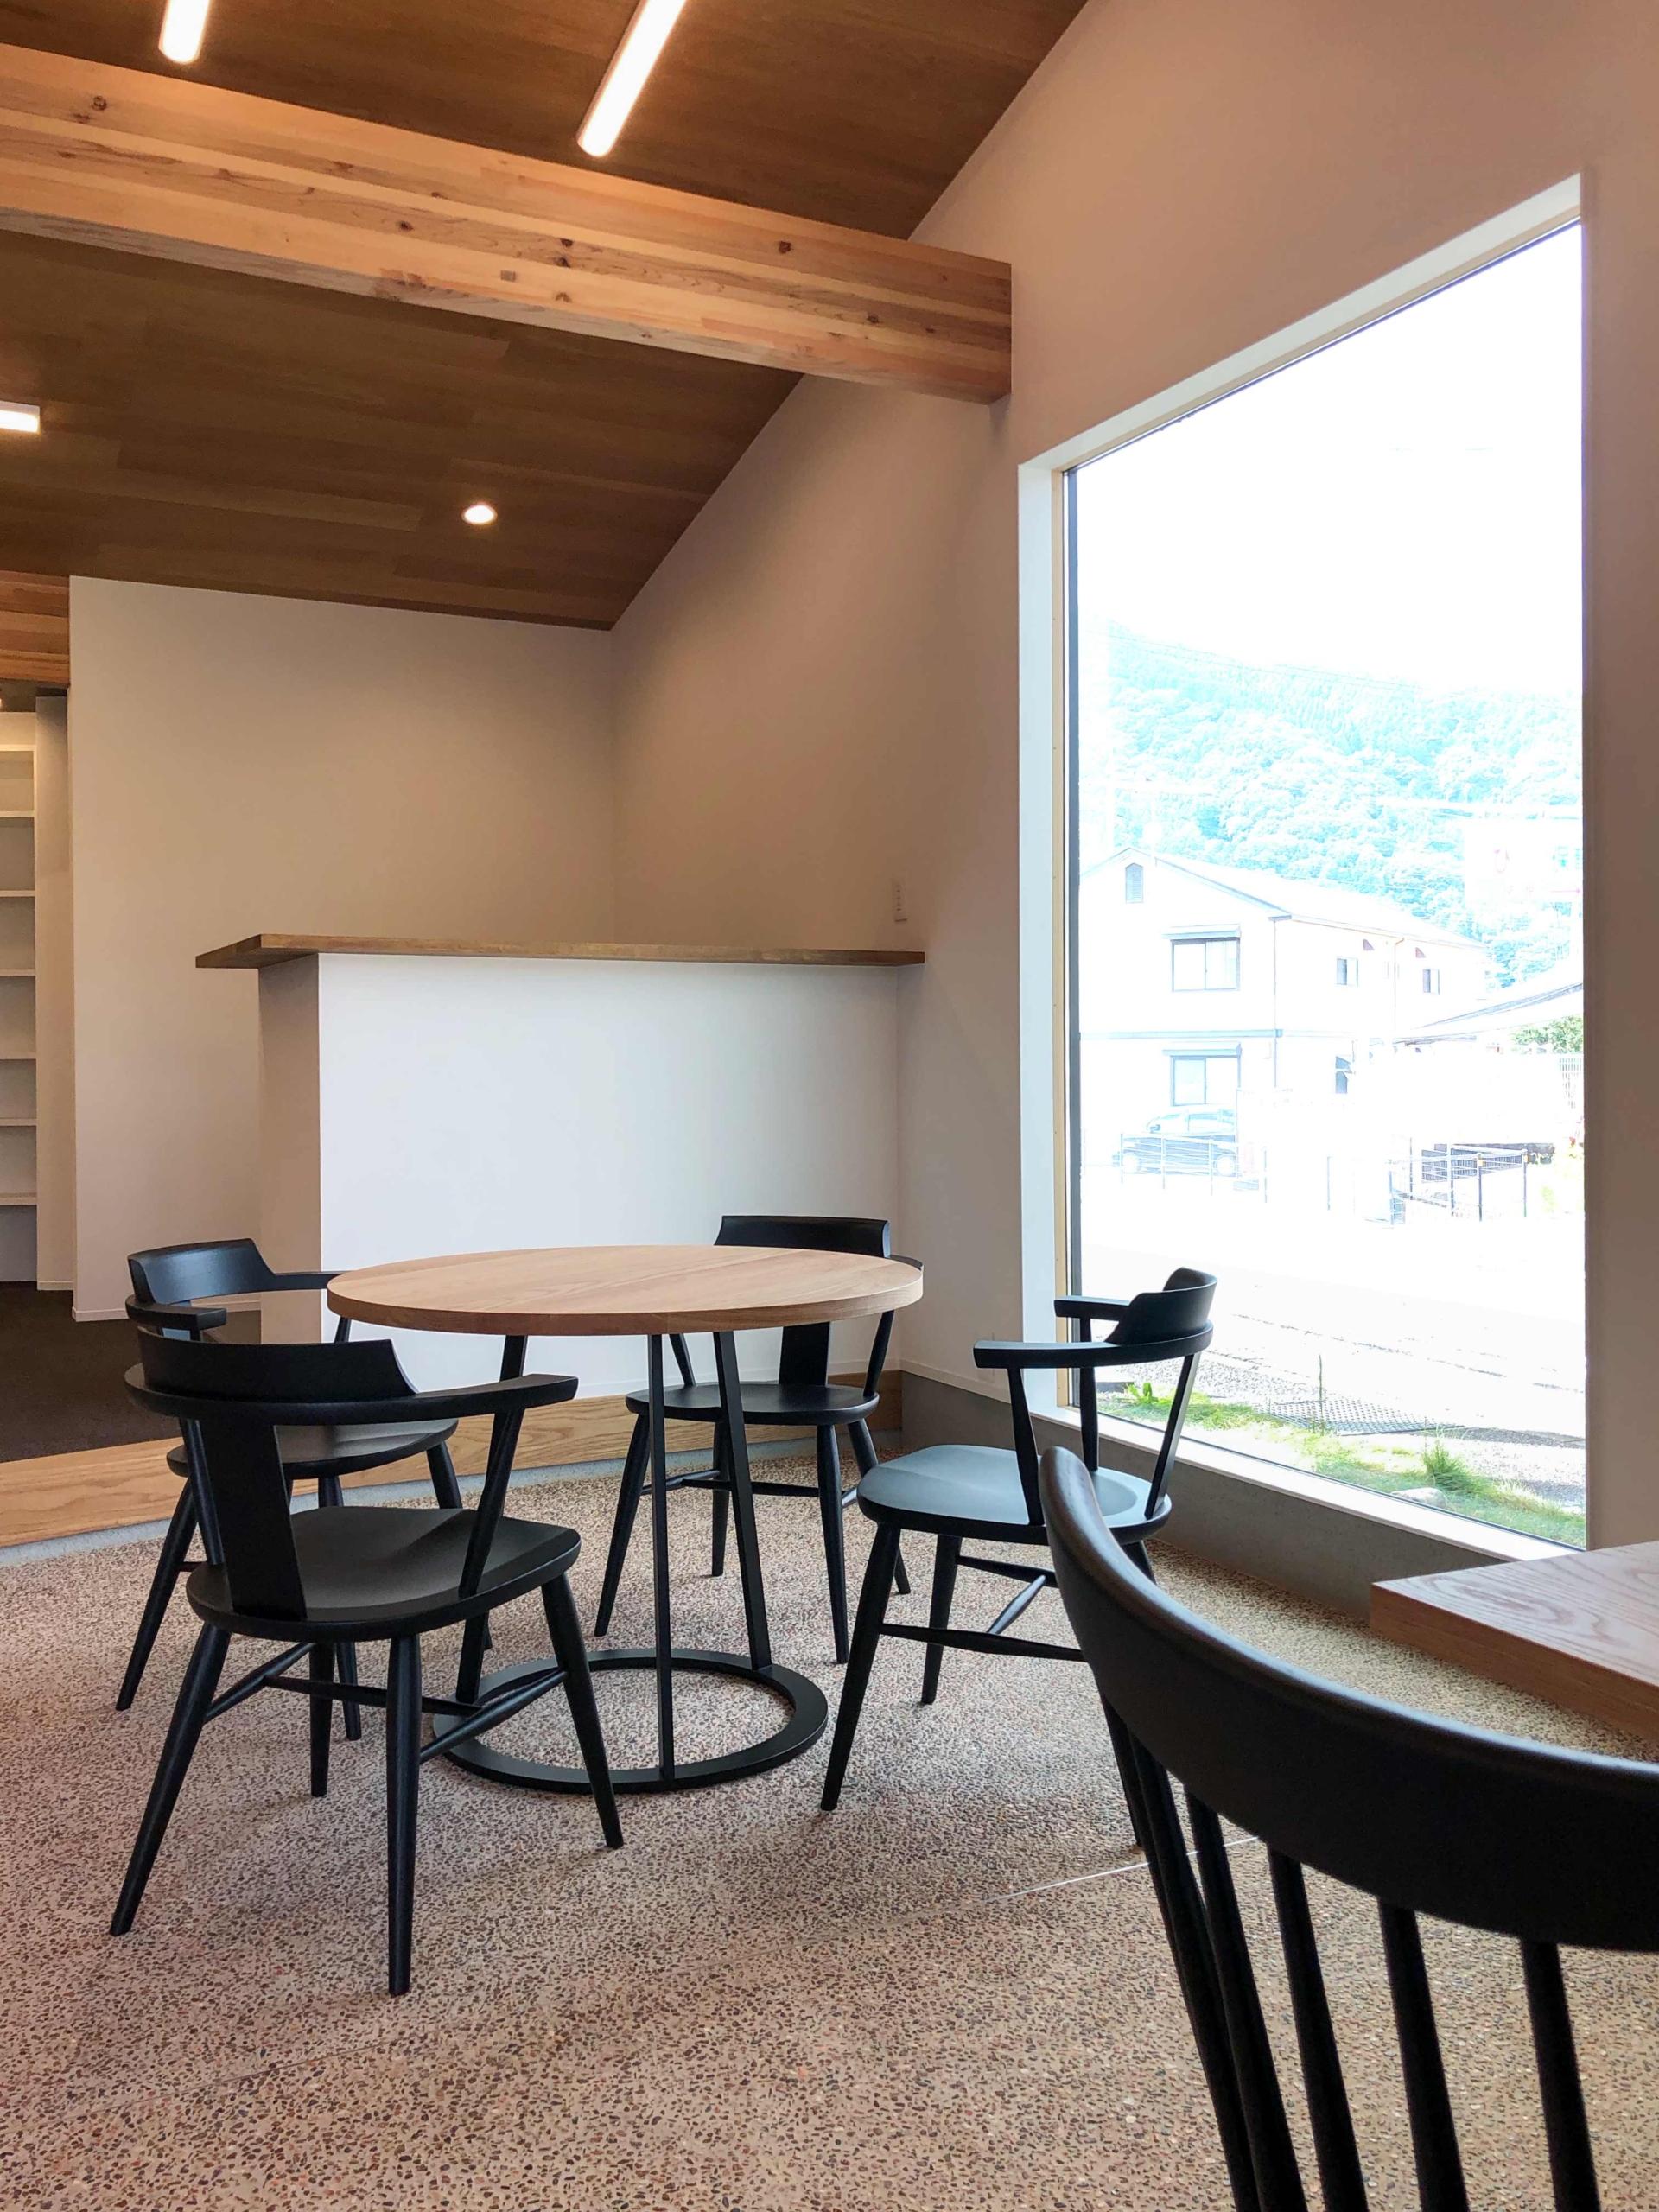 MS2ダイニングテーブルに高山ウッドワークスのチェアを組み合わせて置いたオフィス